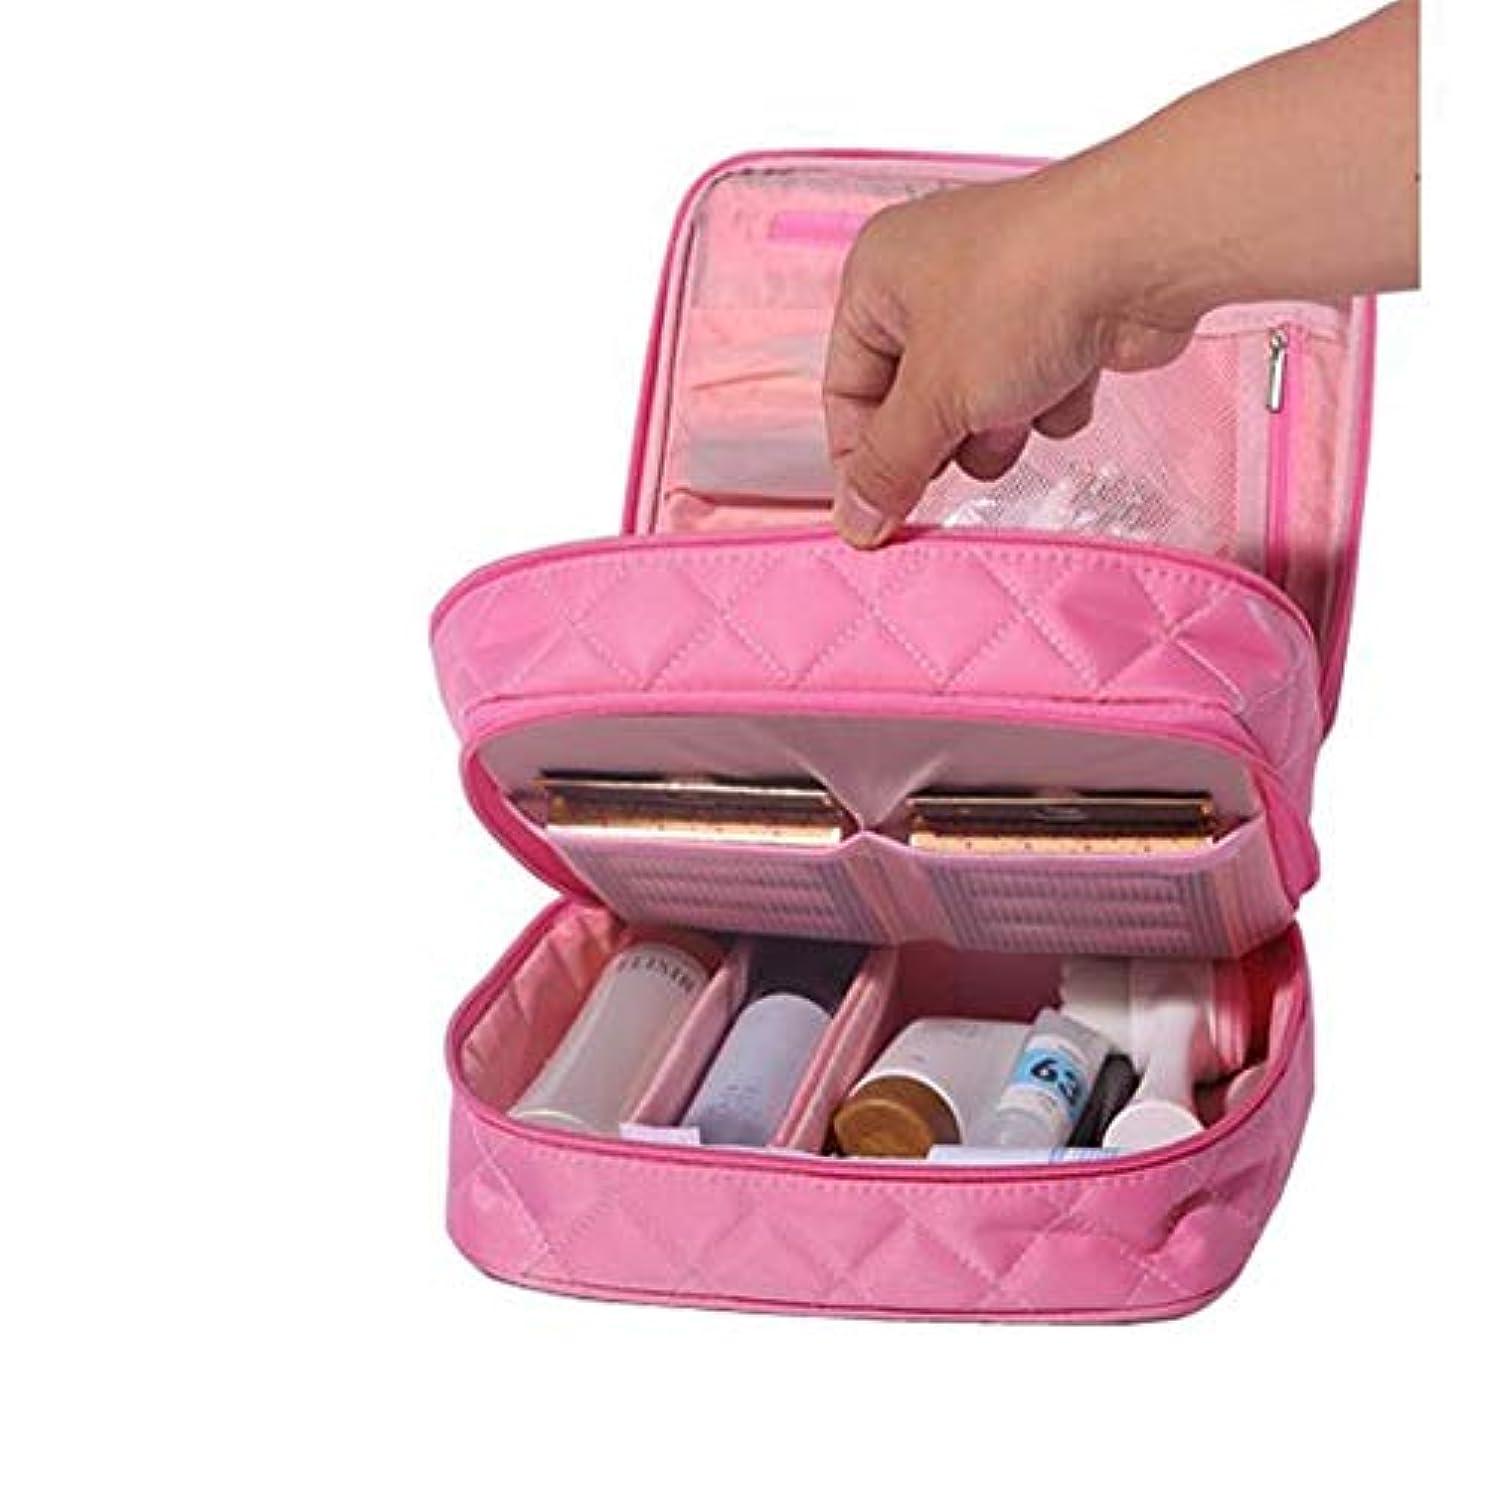 おそらく発信植物の特大スペース収納ビューティーボックス 化粧品袋、携帯用旅行化粧品の箱、化粧品の箱、収納箱、調節可能なディバイダーが付いている小型化粧の電車箱、化粧品の化粧筆、化粧品 化粧品化粧台 (色 : ピンク)